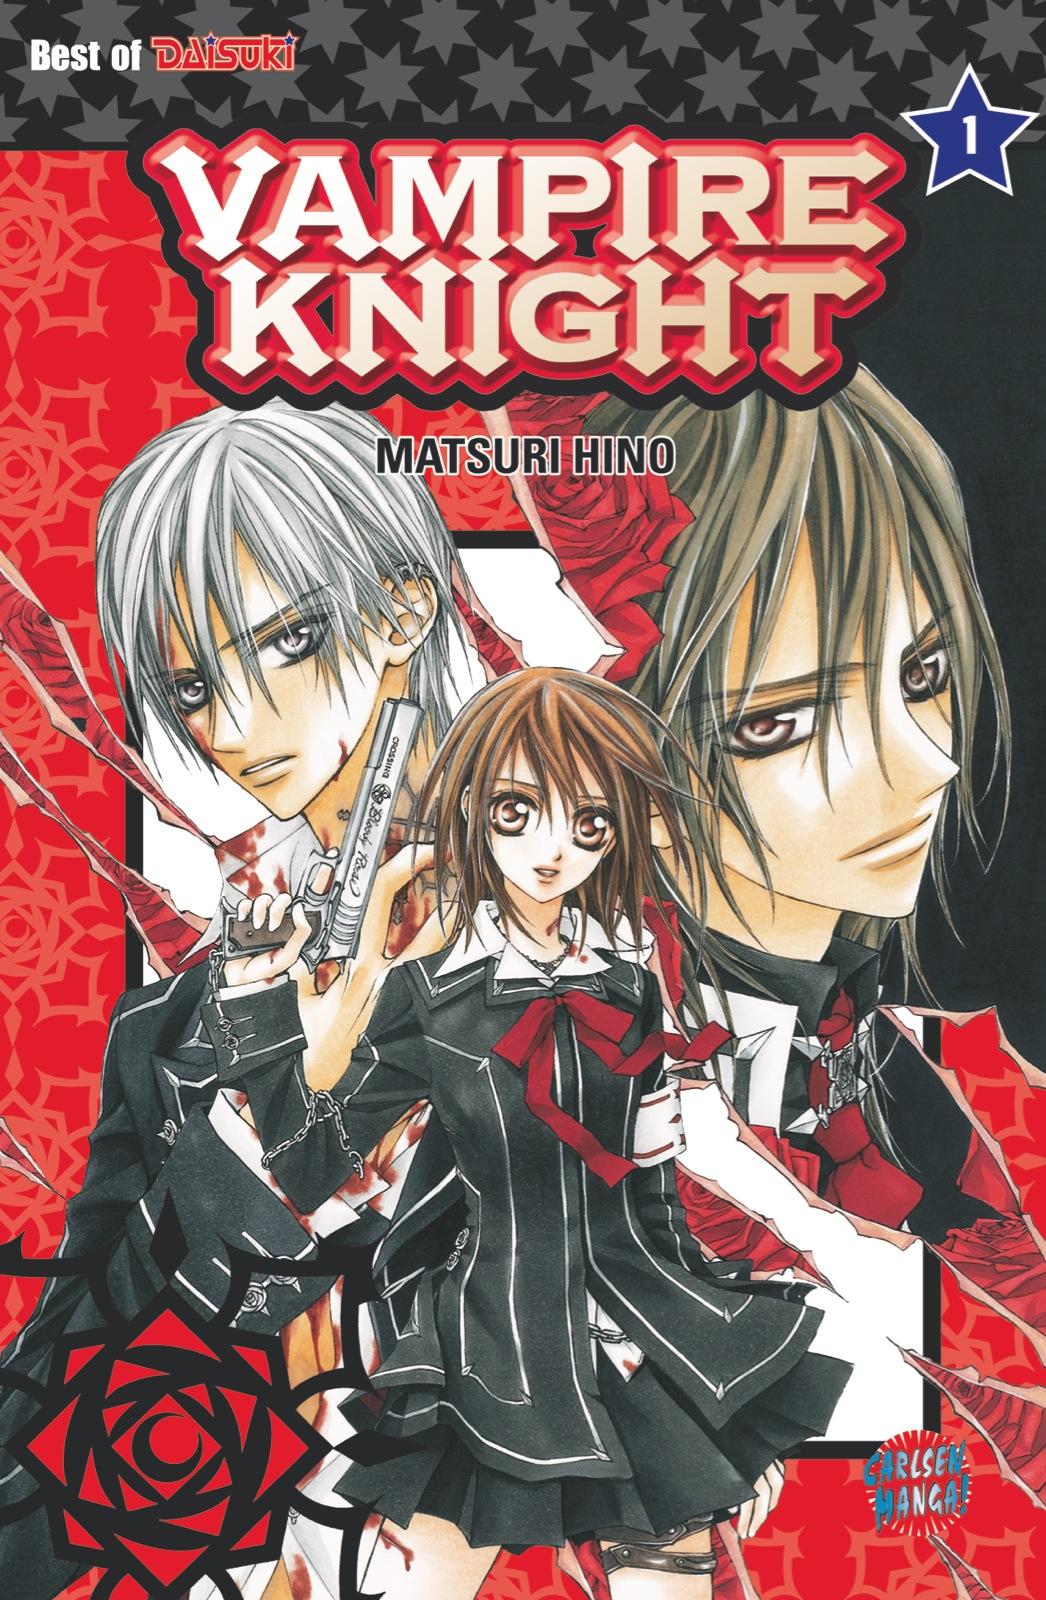 Vampire Knight 01: Best of DAISUKI: BD 1 - Matsuri Hino